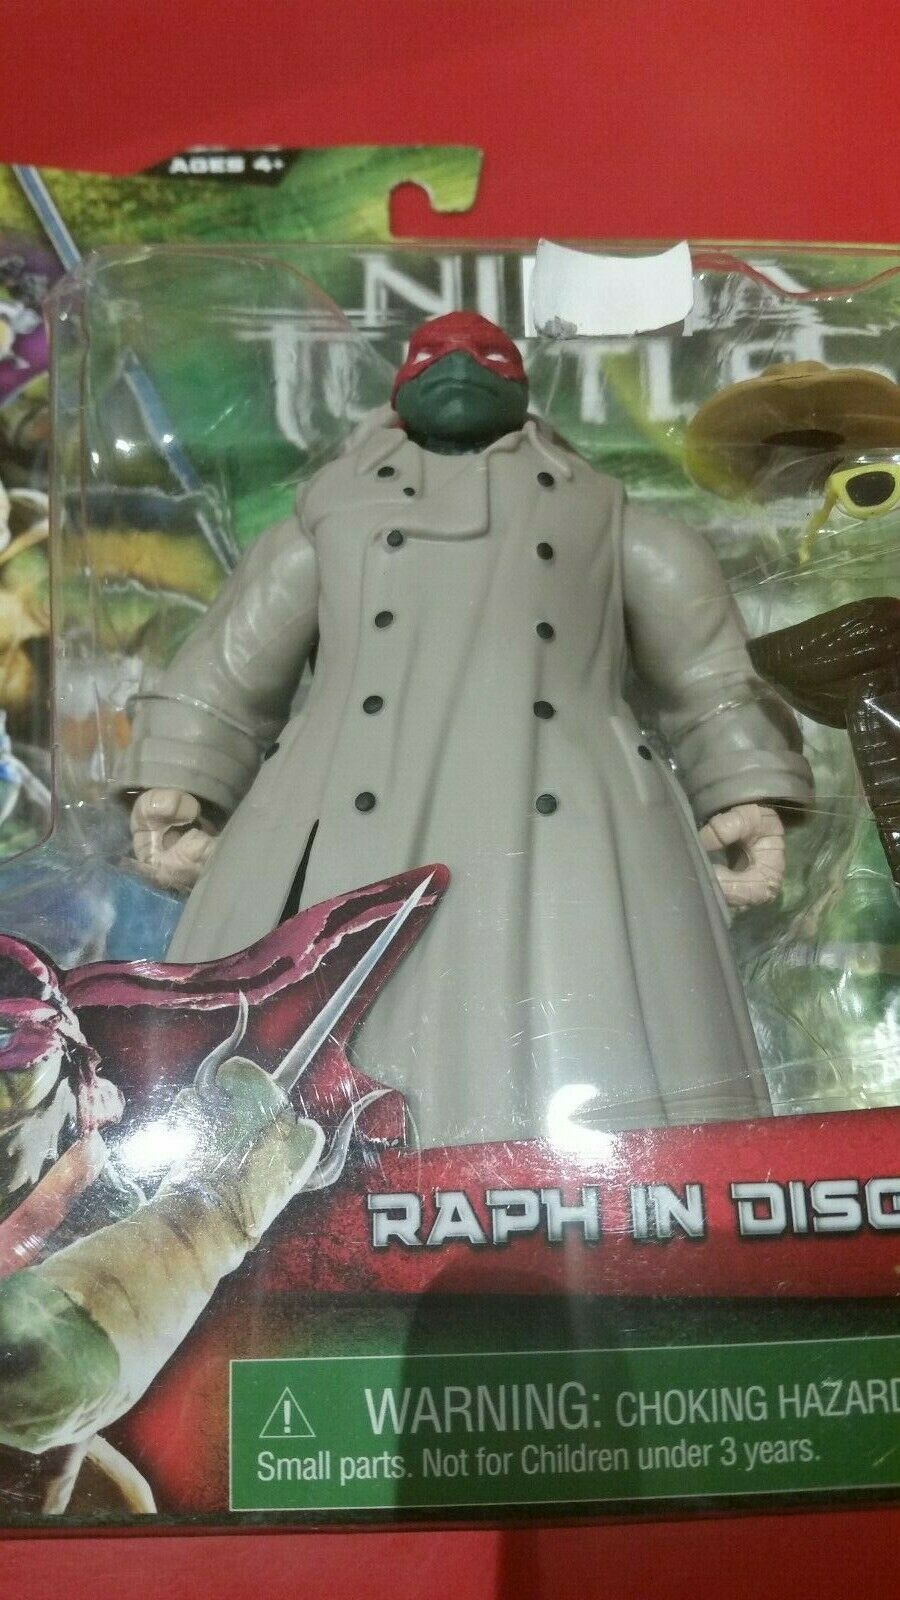 Teenage-Mutant-Ninja-Turtles-RAPH-IN-DISGUISE-233188434196-2